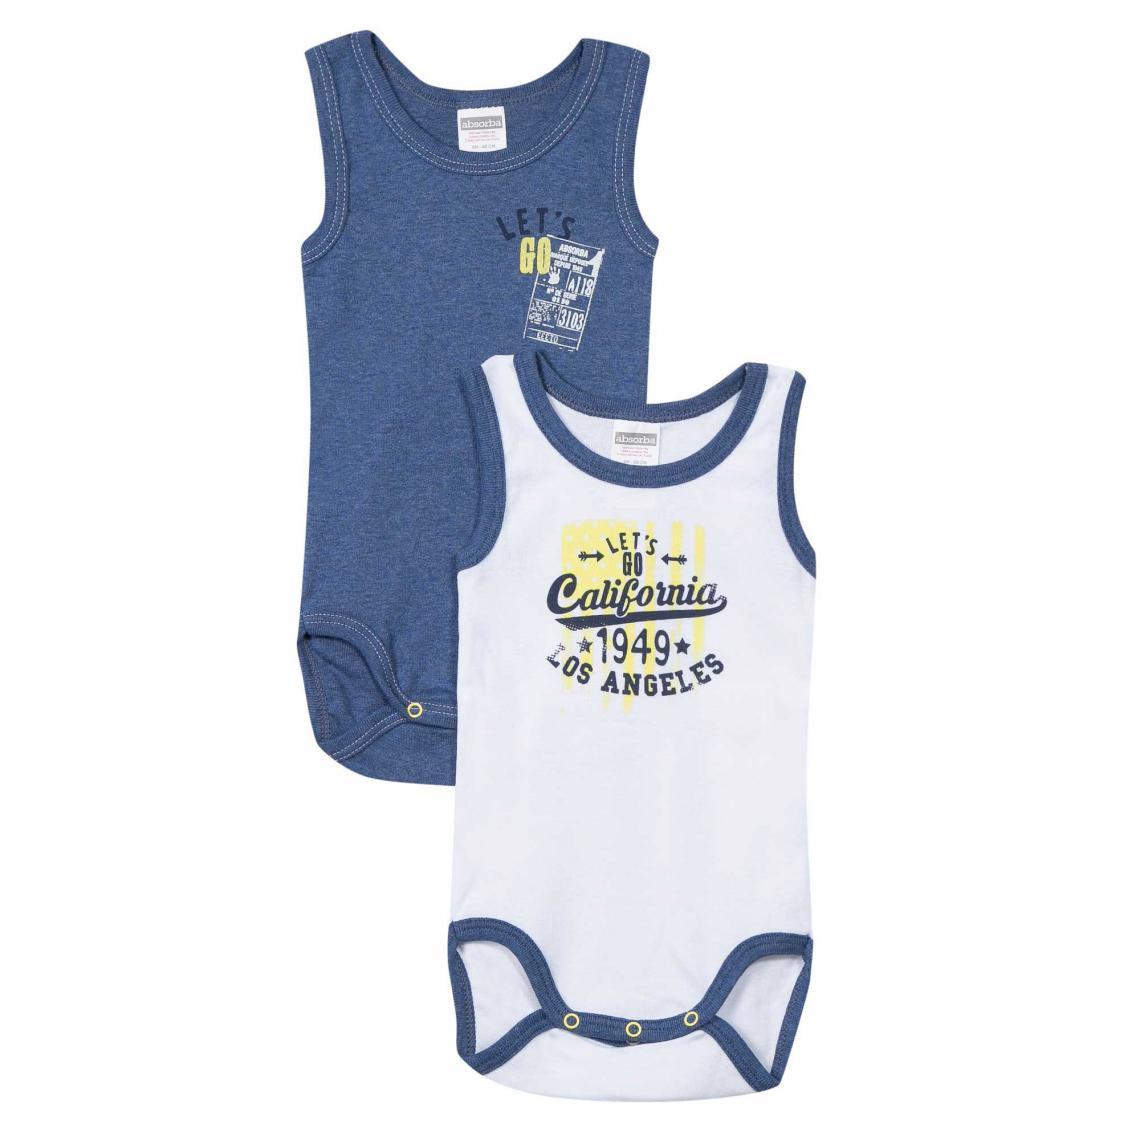 Lot de 2 bodies sans manches bébé garçon Absorba - Blanc - Bleu Absorba  Enfant 7ed889a146b